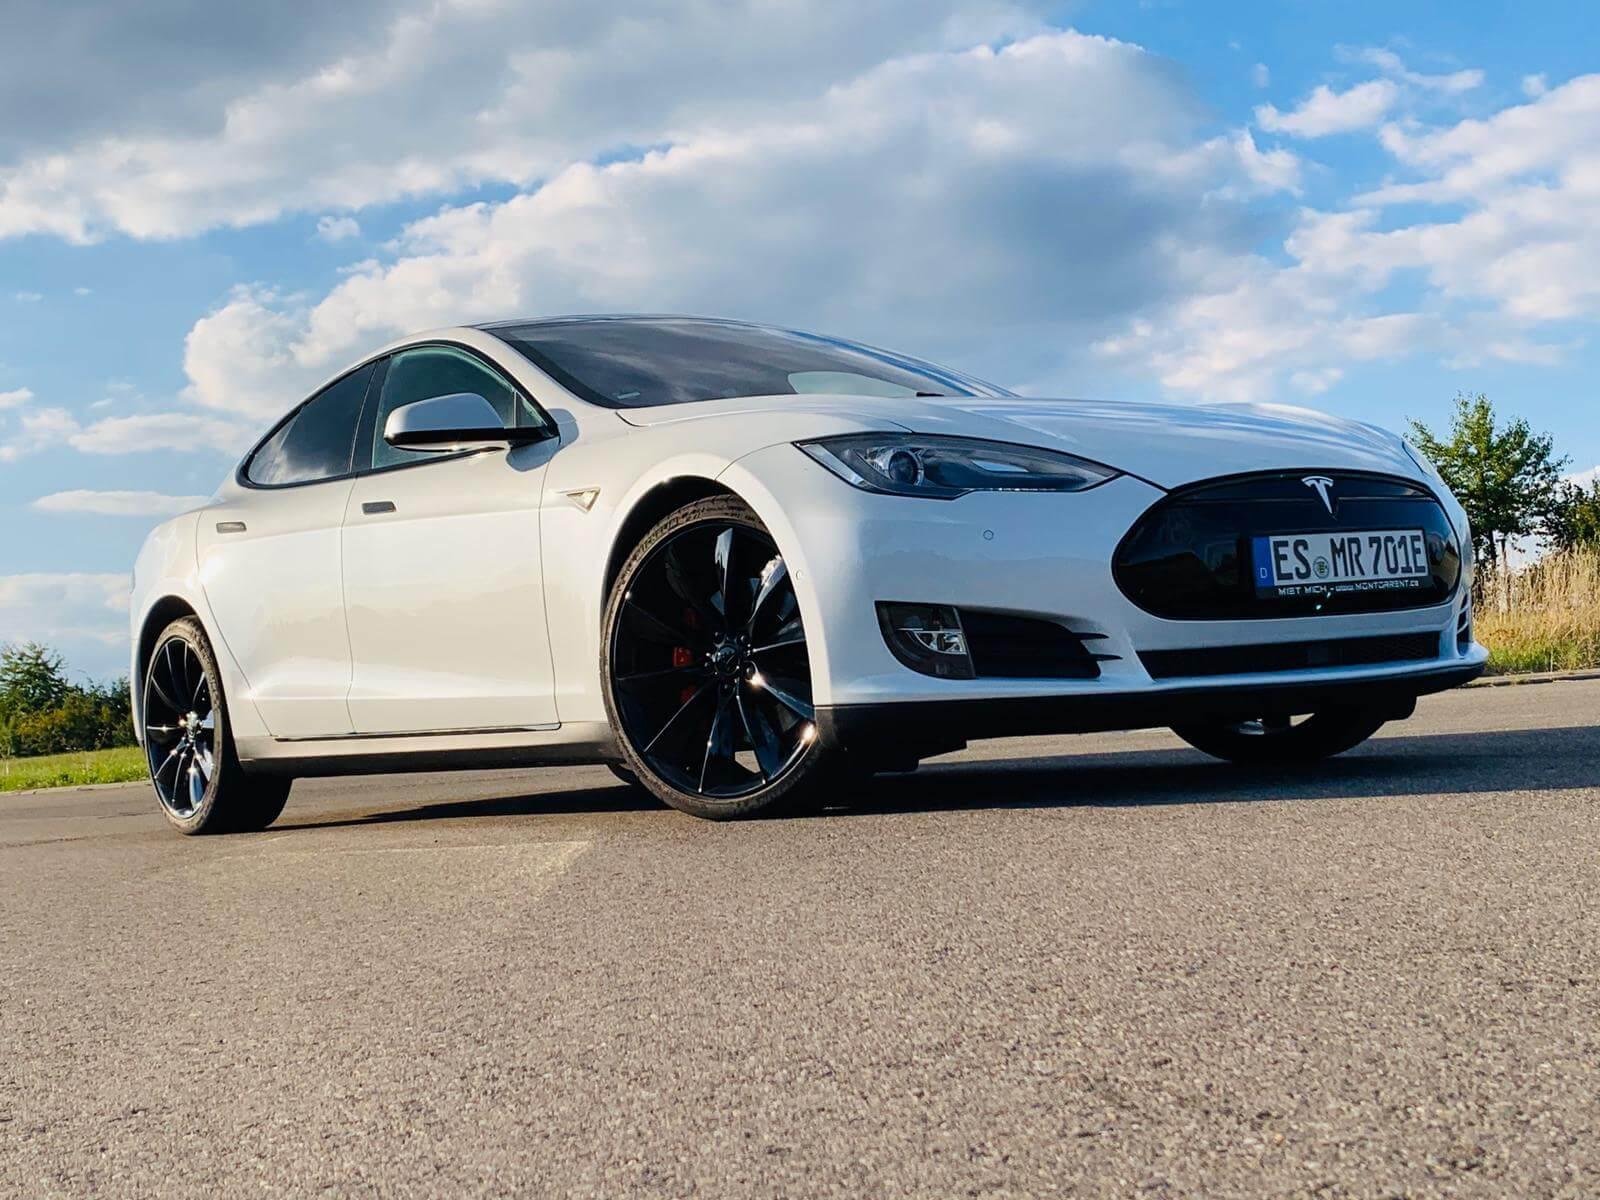 Tesla Model S mieten in Filderstadt bei Stuttgart